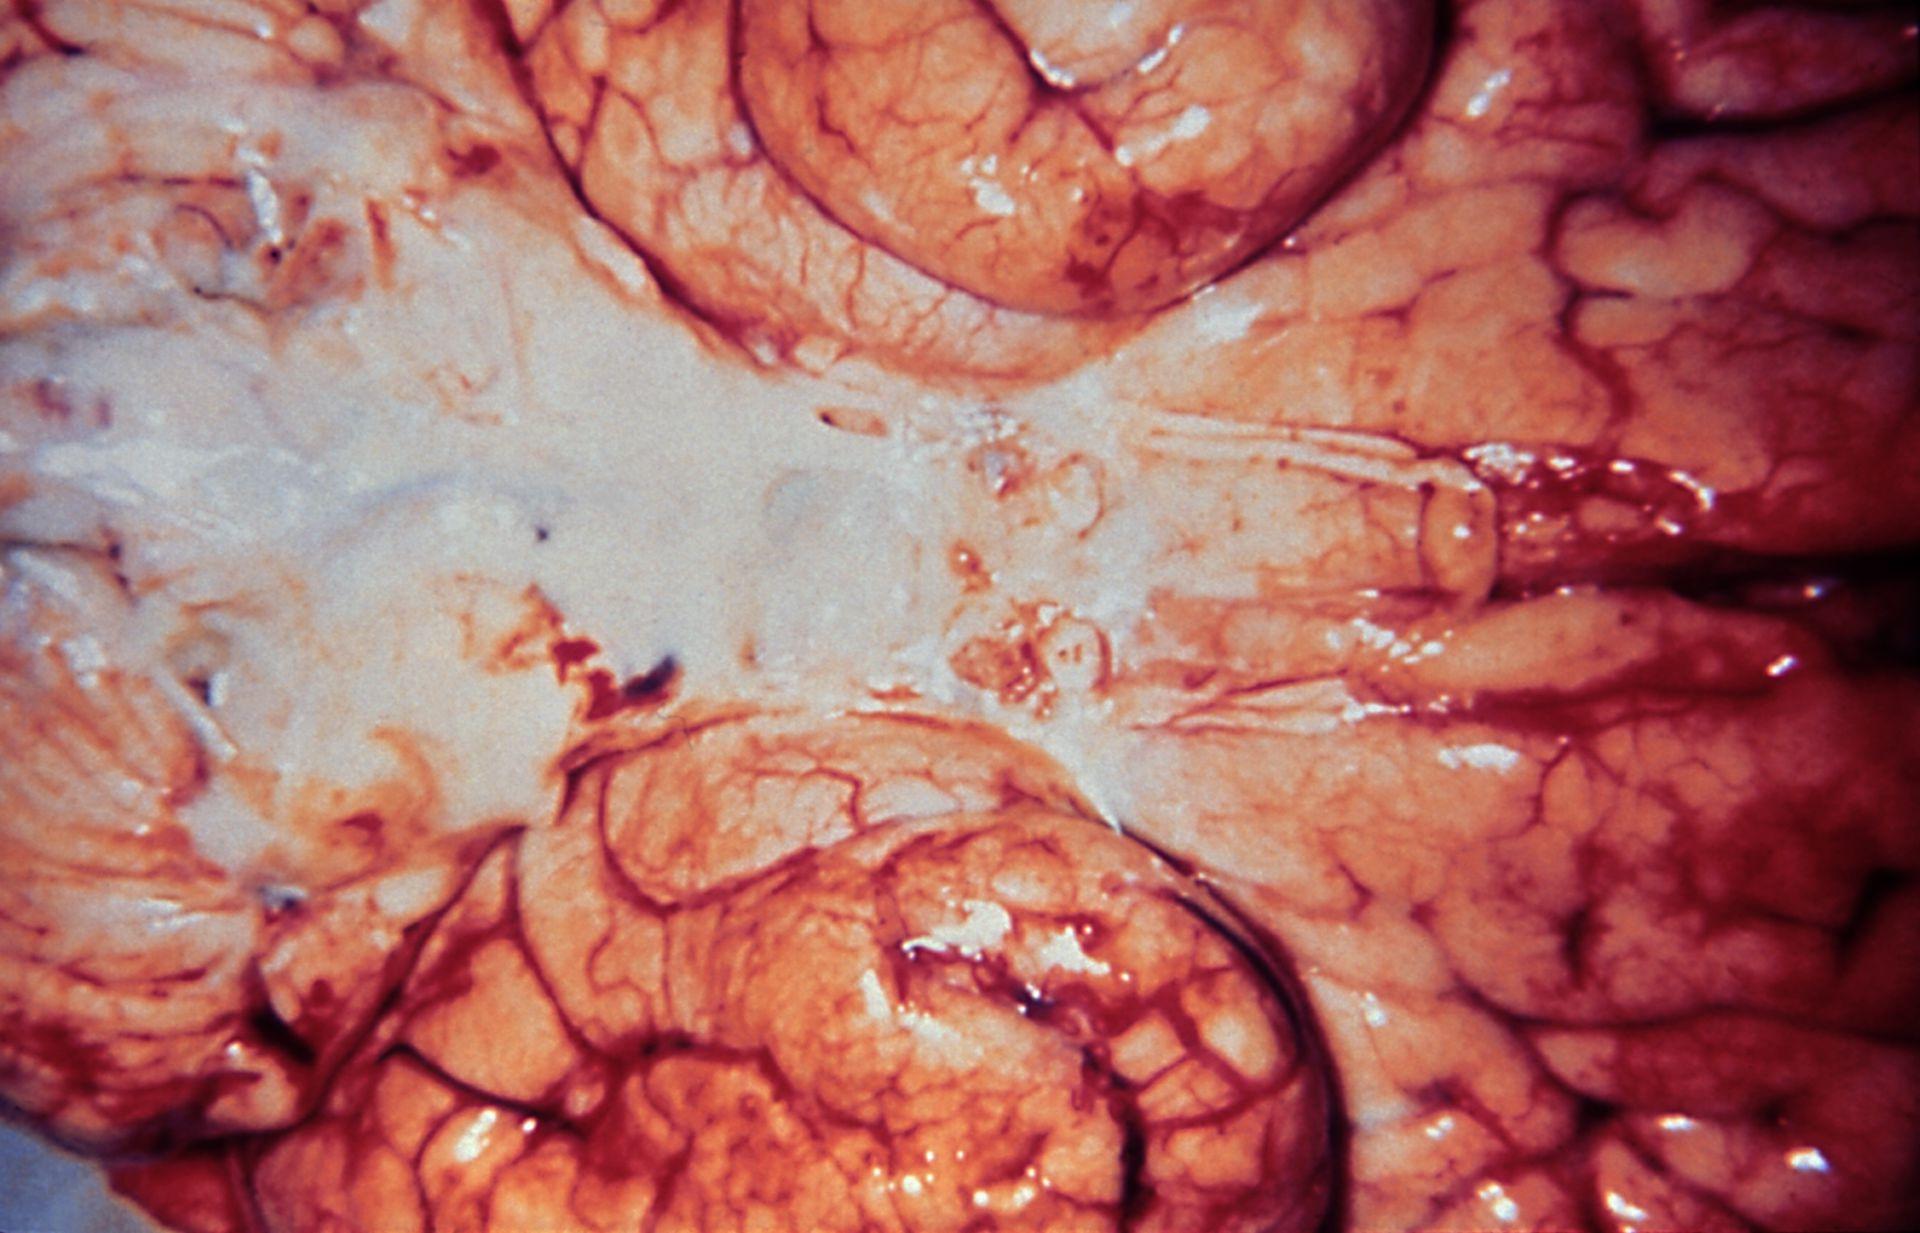 Brain preparation after meningitis (Haemophilus influenzae)